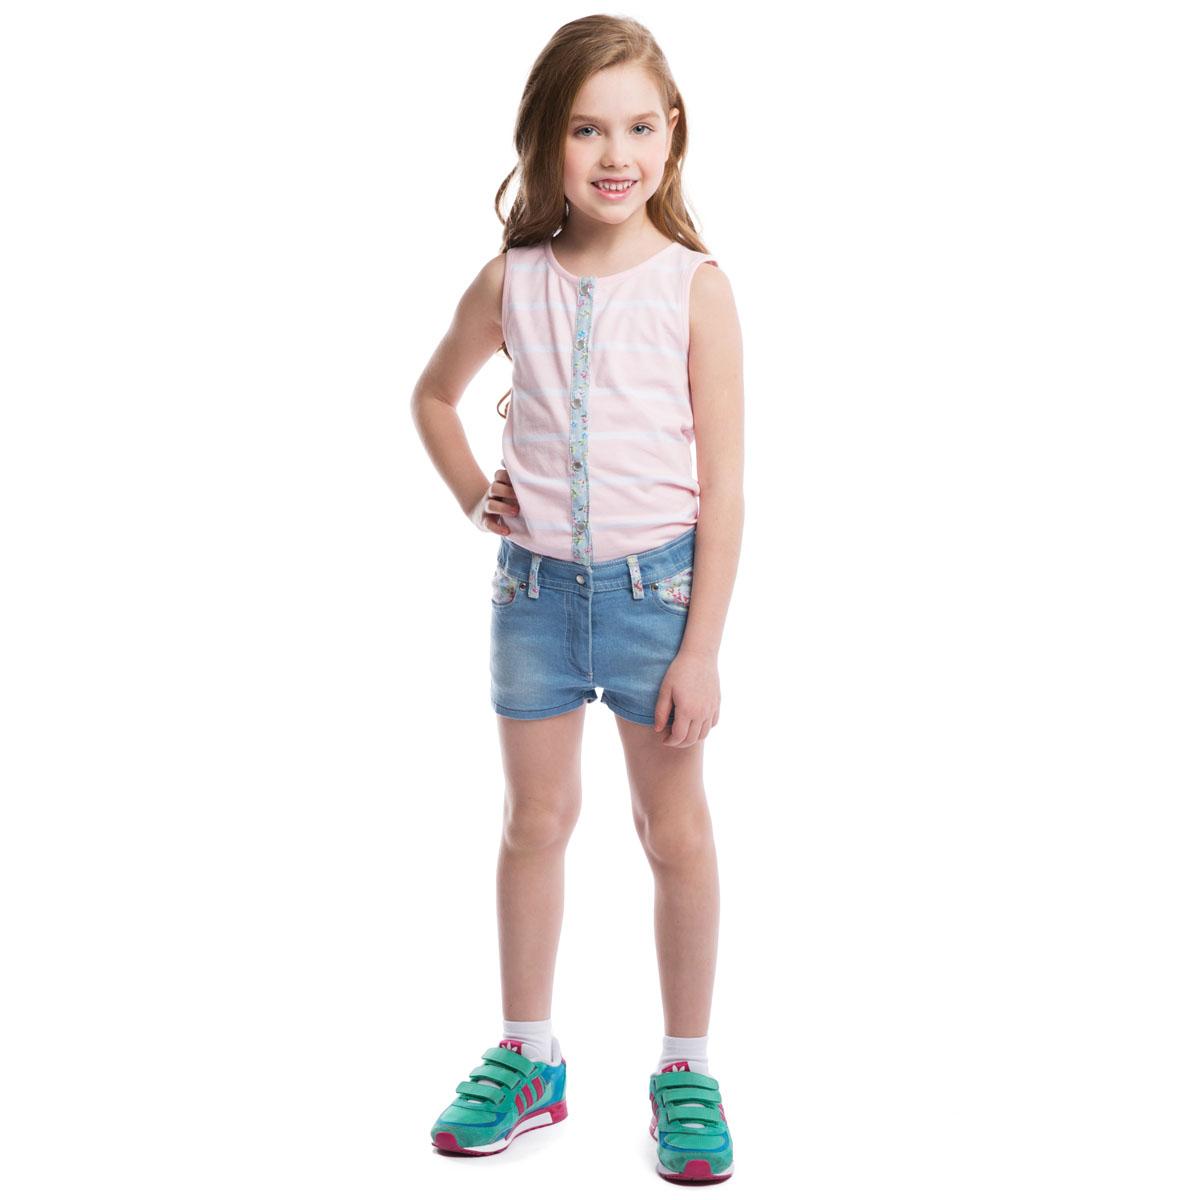 Полукомбинезон для девочки PlayToday, цвет: голубой, розовый, белый. 262002. Размер 98, 3 года262002Стильный полукомбинезон для девочки PlayToday, выполненный в виде майки с джинсовыми шортиками идеально подойдет вашей малышке и станет отличным дополнением к детскому гардеробу. Изготовленный из эластичного хлопка, он необычайно мягкий и приятный на ощупь, не сковывает движения малышки и позволяет коже дышать, не раздражает нежную кожу ребенка, обеспечивая ему наибольший комфорт. Летний полукомбинезон с высокой грудкой без рукавов и с круглым вырезом горловины застегивается на кнопки, шортики имеют ширинку-молнию, благодаря чему он надежно и удобно сидит, что делает его идеальным для активных игр дома и на свежем воздухе. Имеются шлевки для ремня. Спереди он дополнен двумя втачными кармашками, а сзади - двумя накладными карманами, украшенными фигурными прострочками. В таком полукомбинезоне ваша маленькая принцесса будет чувствовать себя комфортно, уютно и всегда будет в центре внимания!